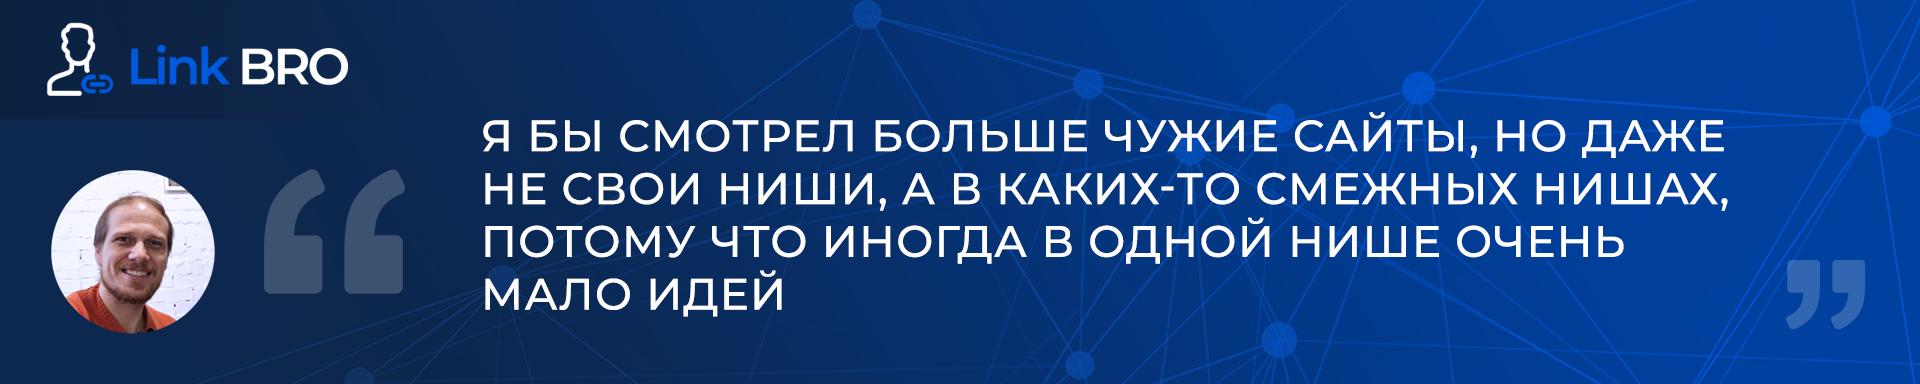 Сергей Кокшаров: Я бы смотрел больше чужие сайты, но даже не свои ниши, а в каких-то смежных нишах